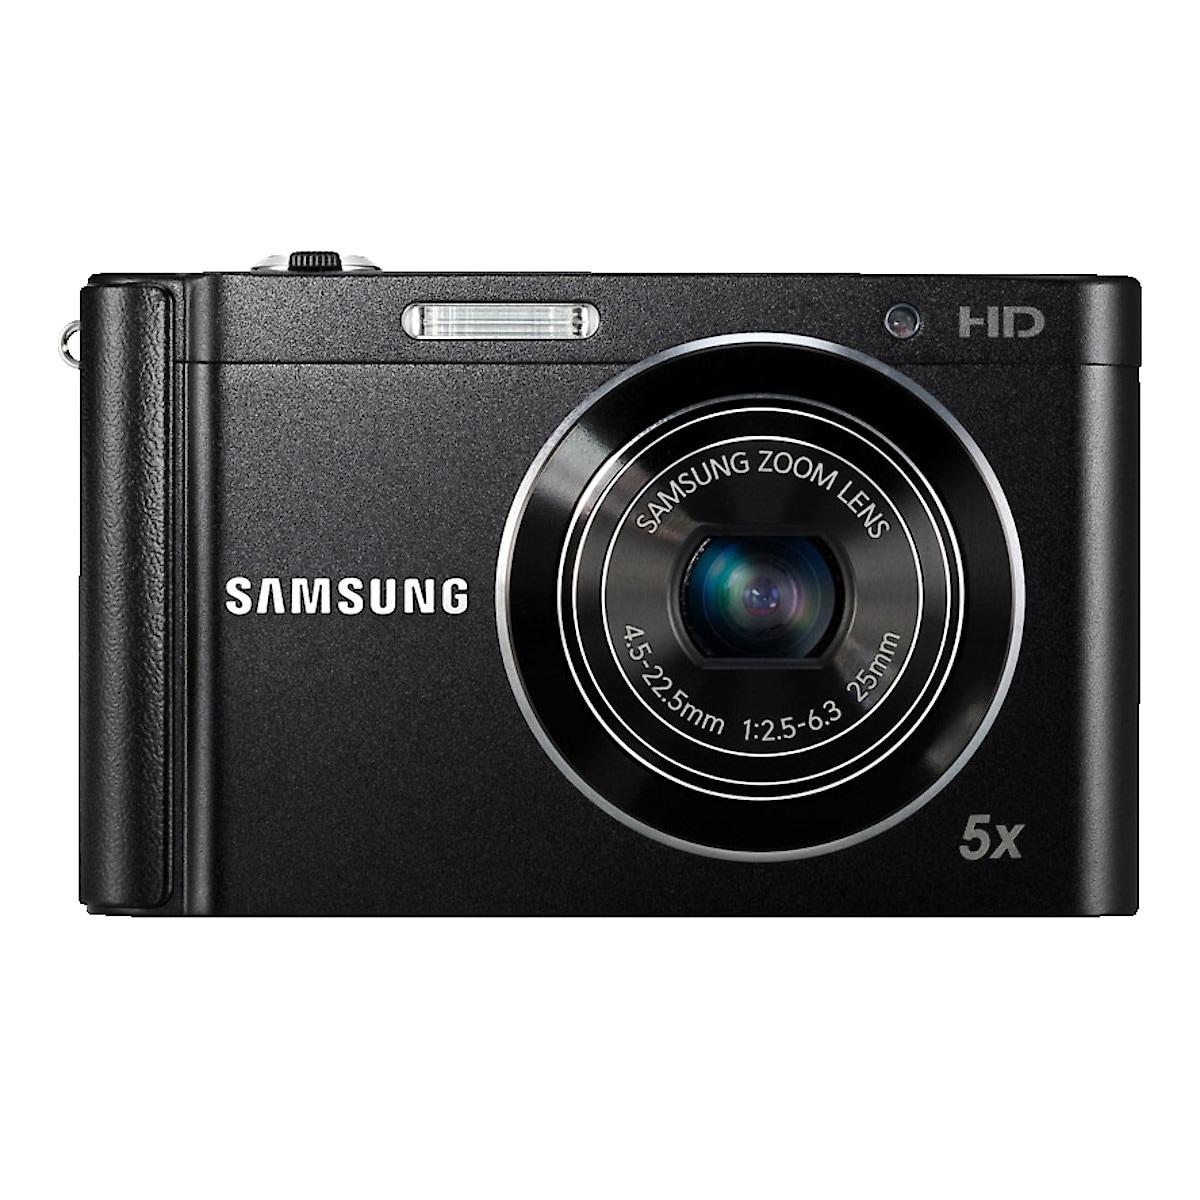 Samsung ST88 digitalkamera